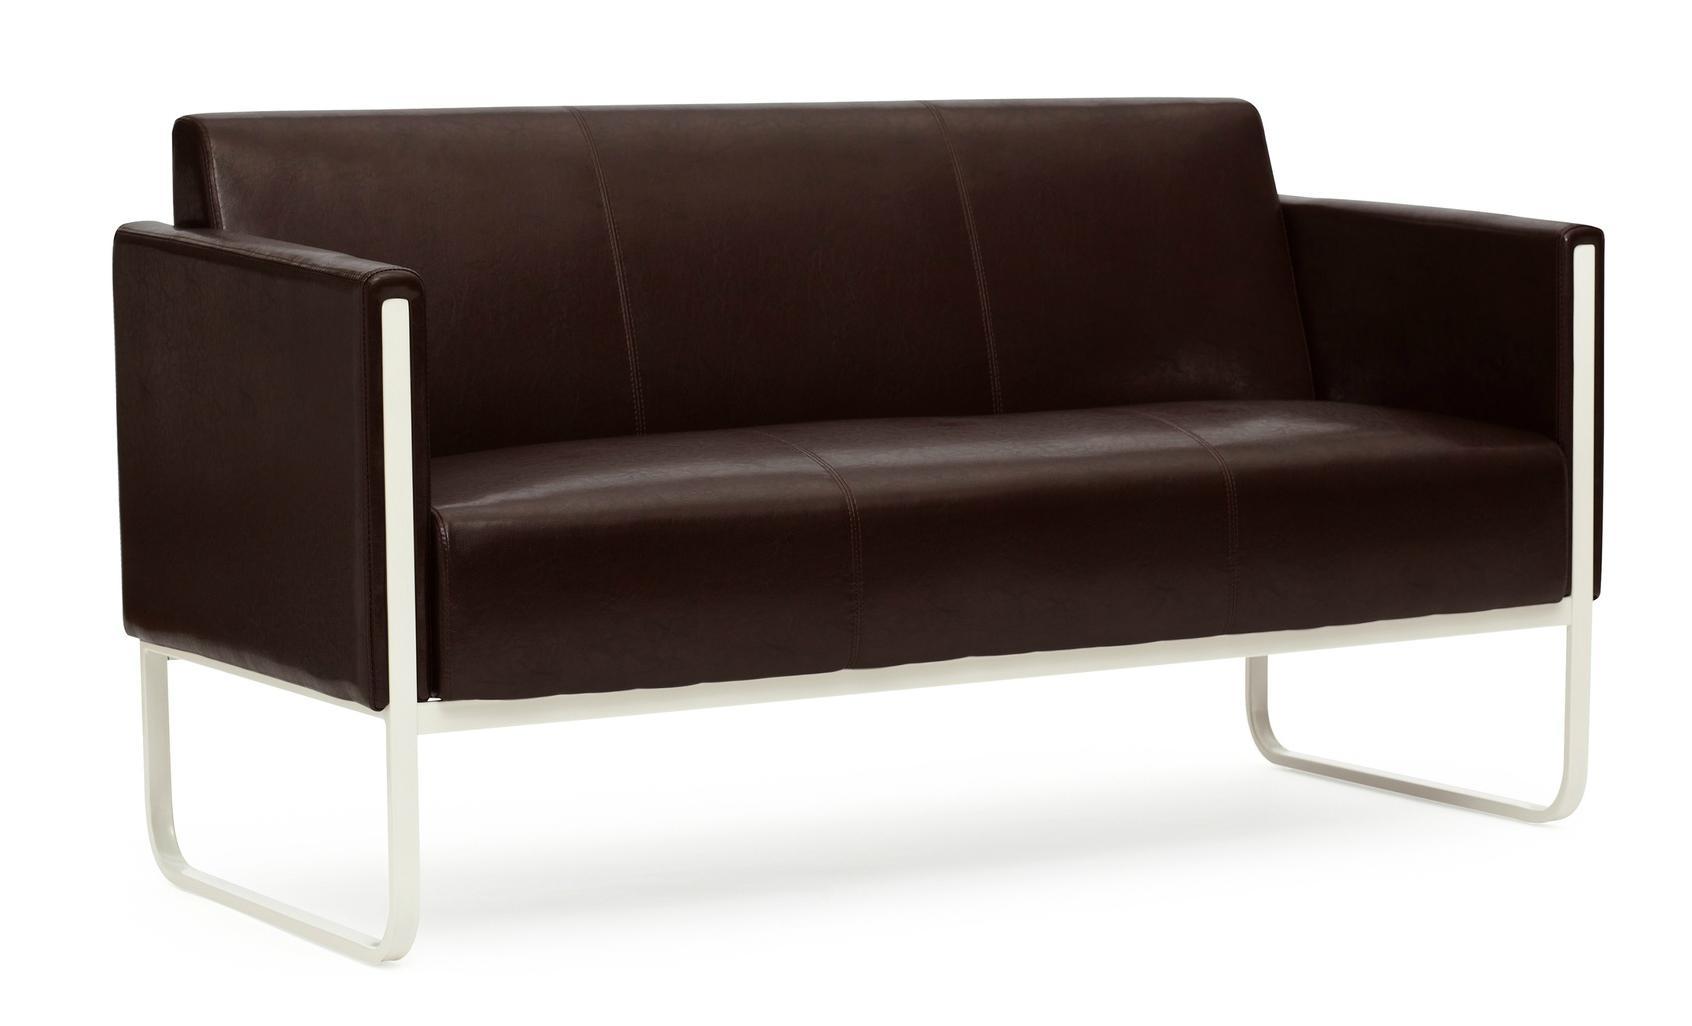 Sofa 3 plazas aruba con costuras en marr n sofa 3 - Sofas elegantes diseno ...